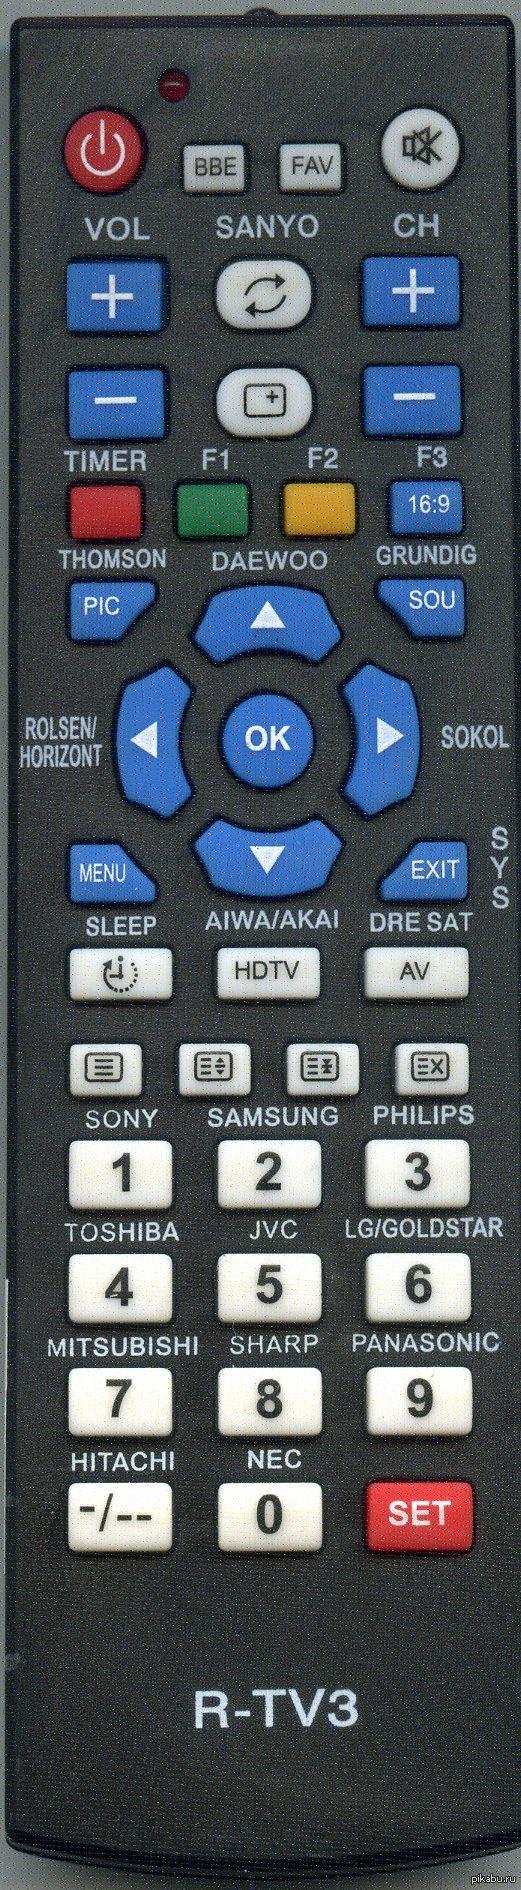 пульт для телевизора сони инструкция